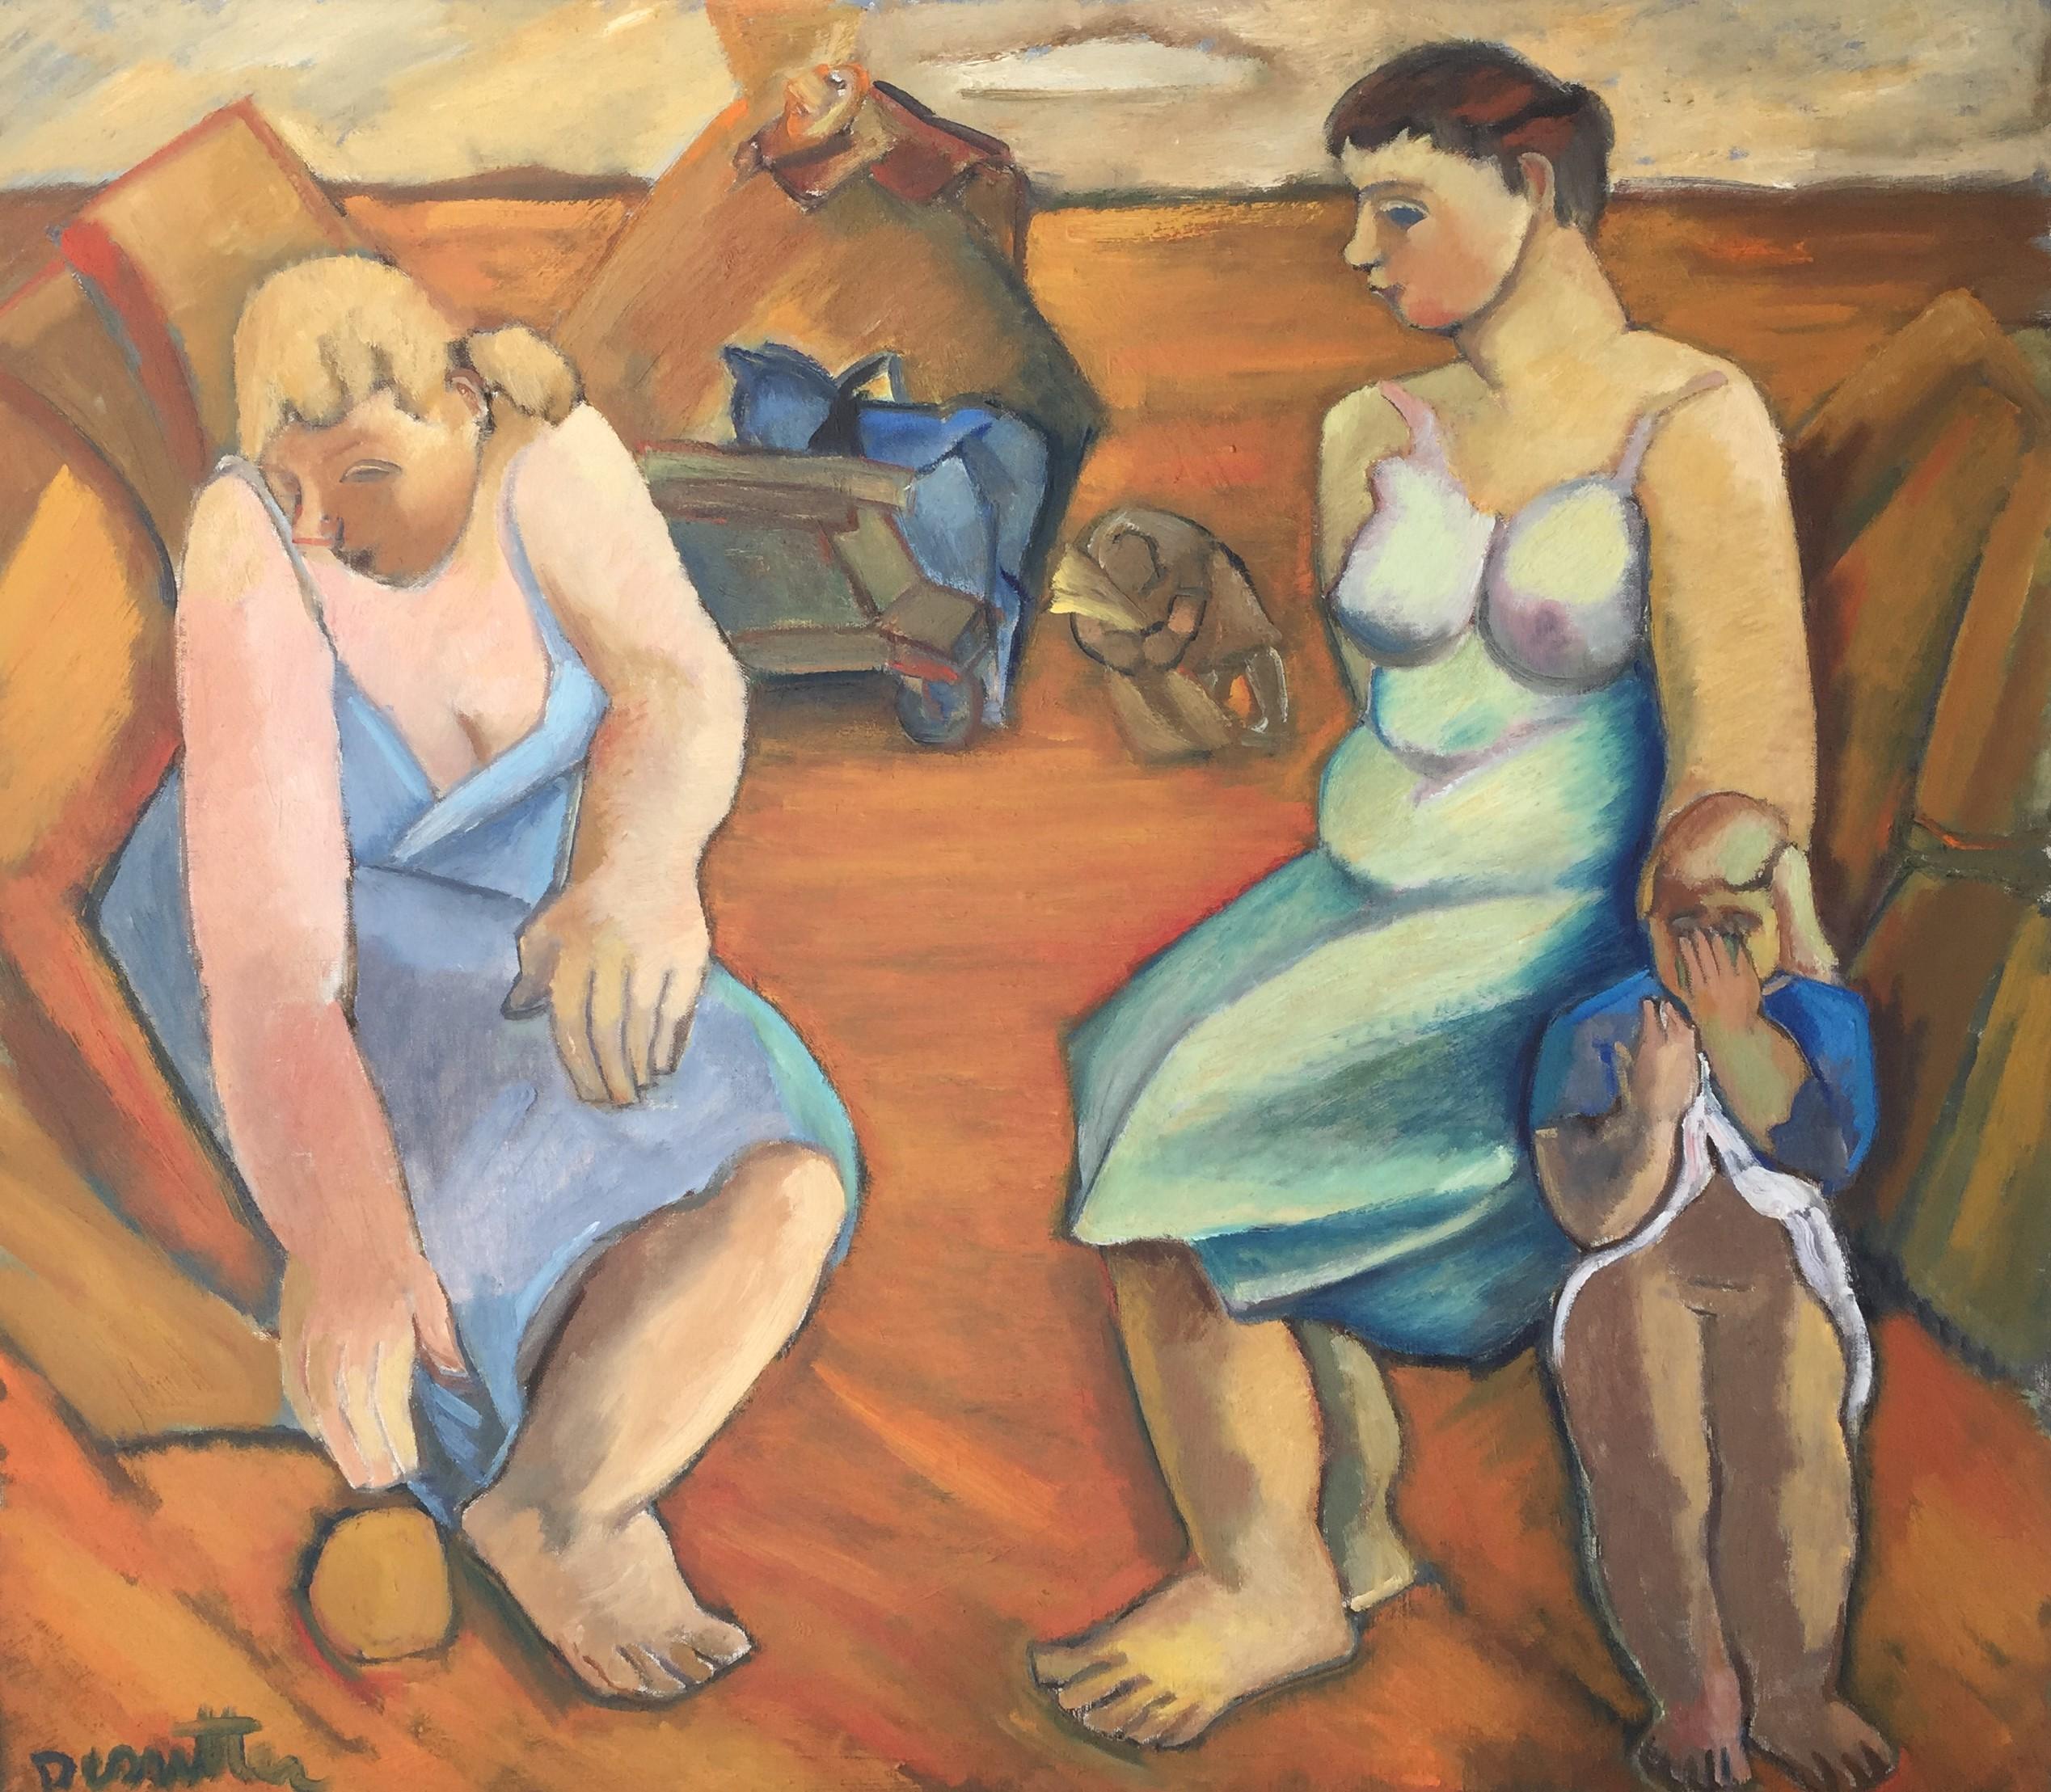 De Sutter Jules (1895-1970)